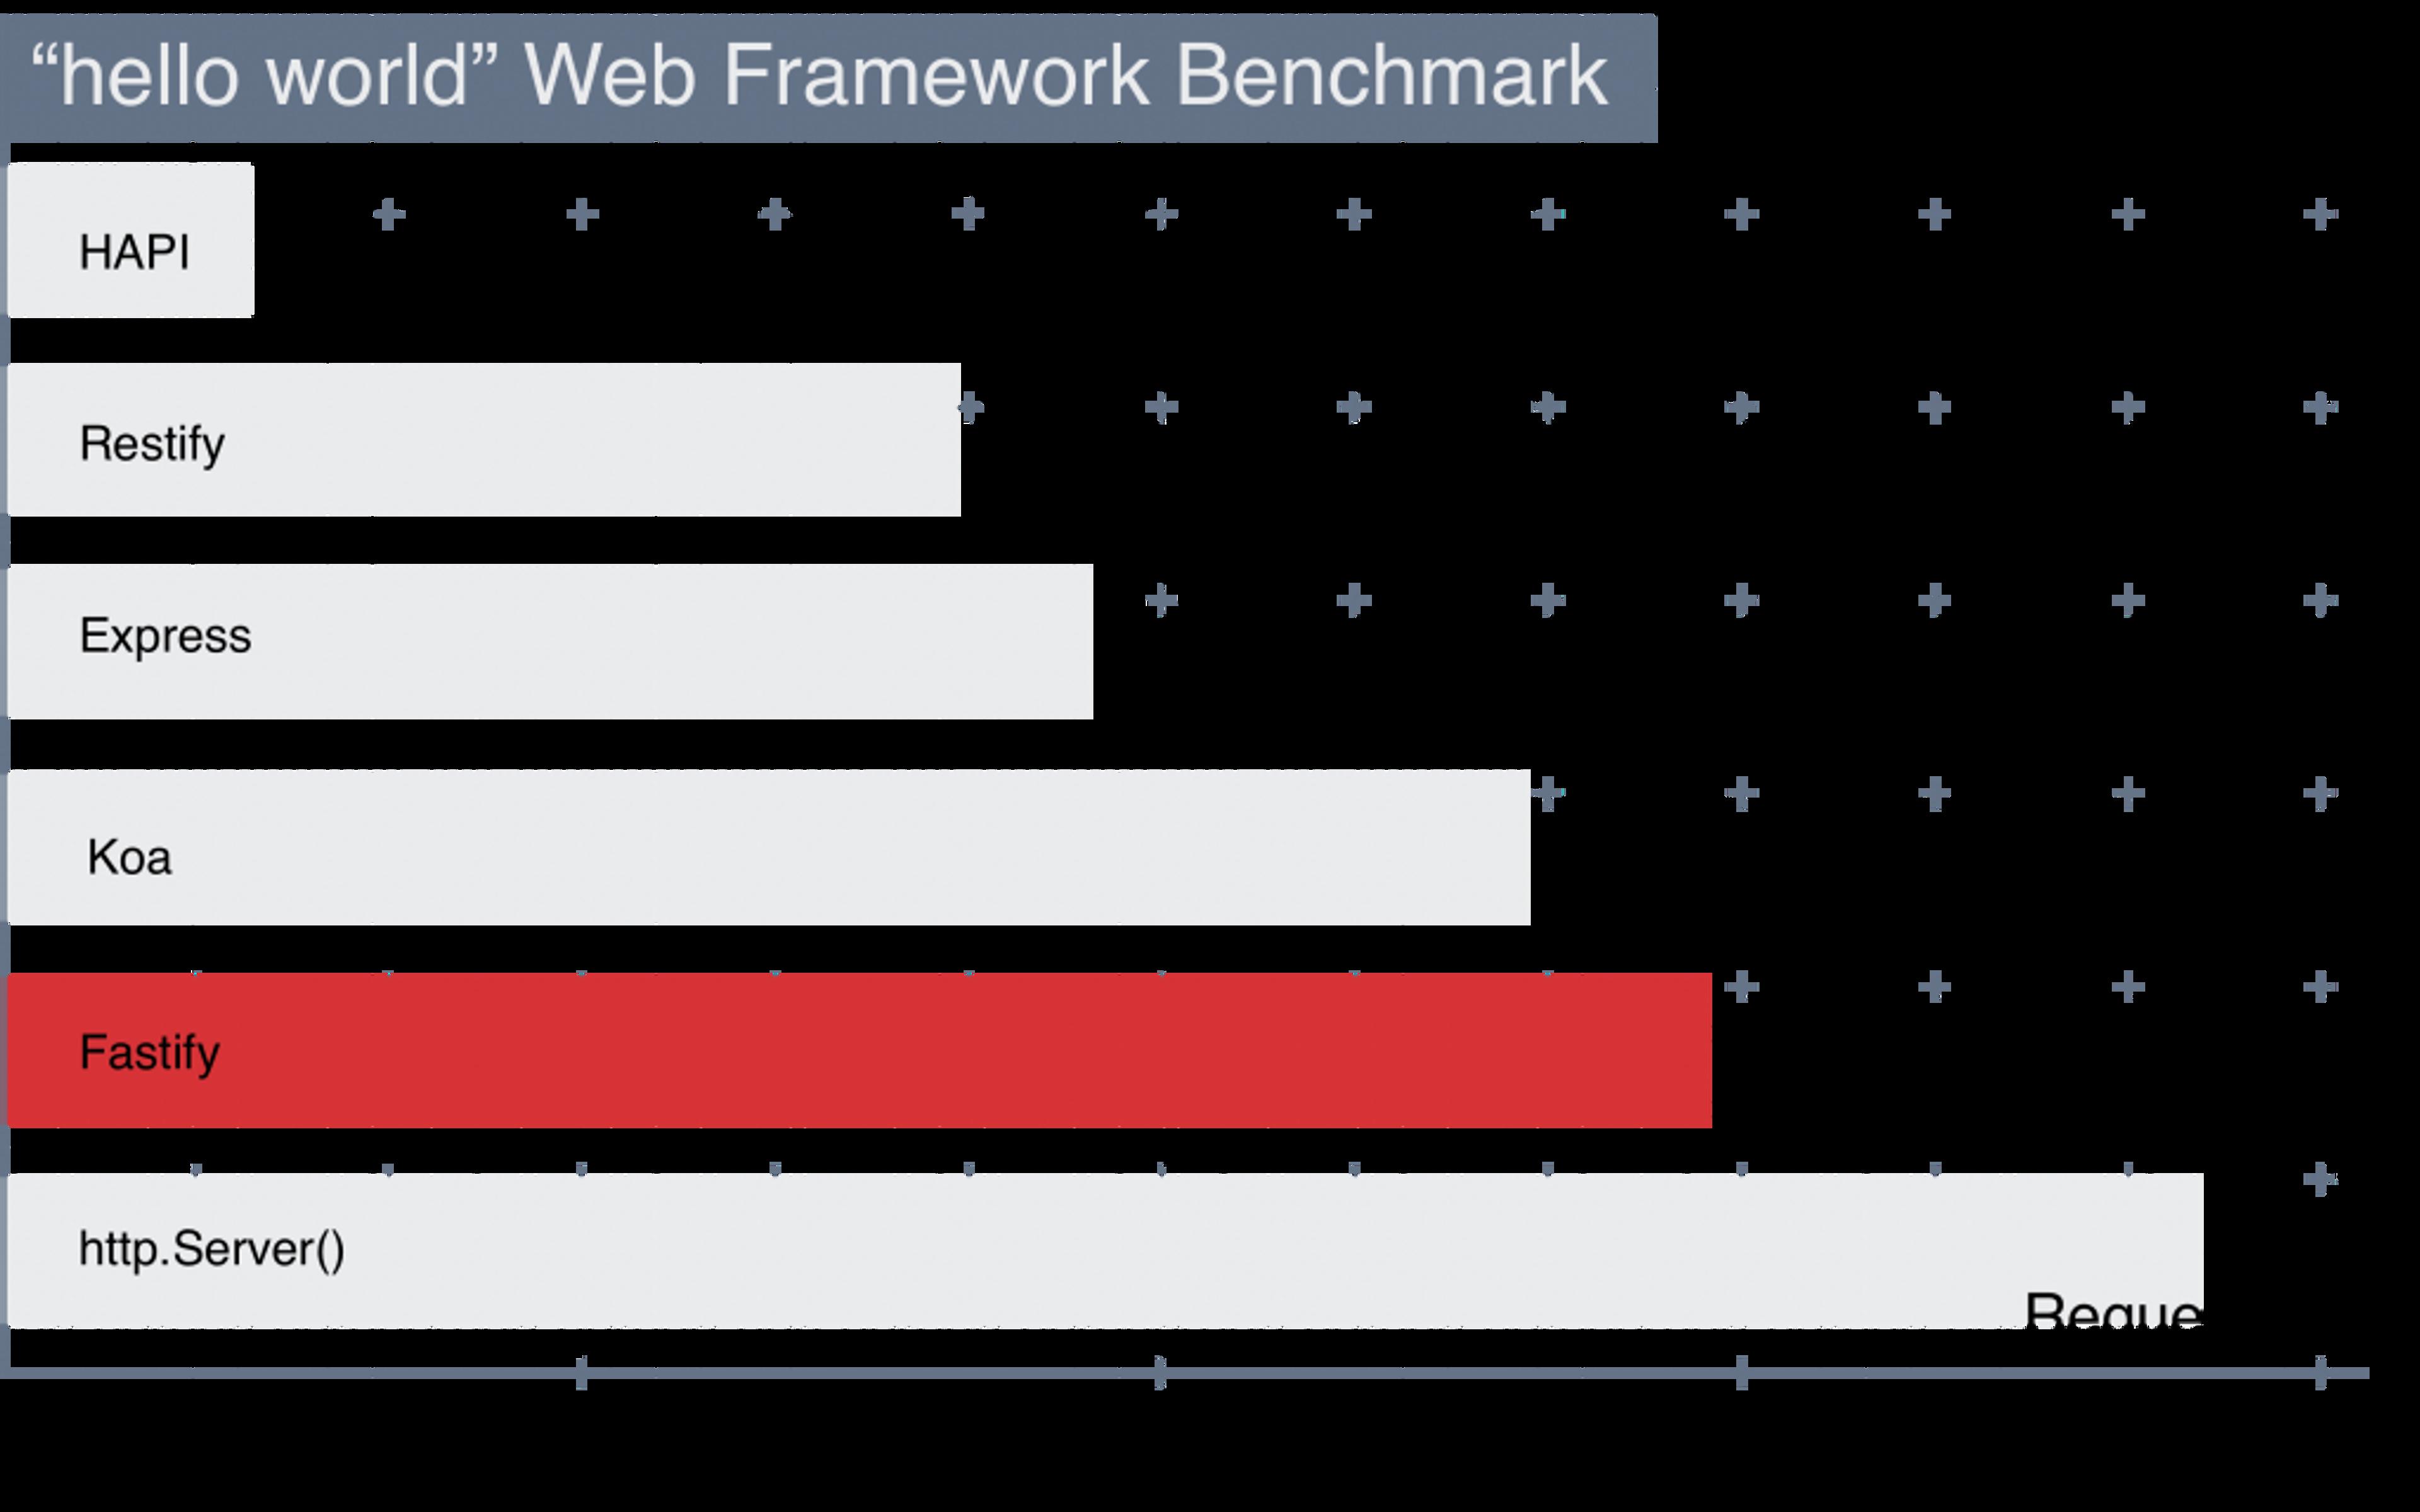 Fastify produit des performances remarquables comparé aux autres frameworks